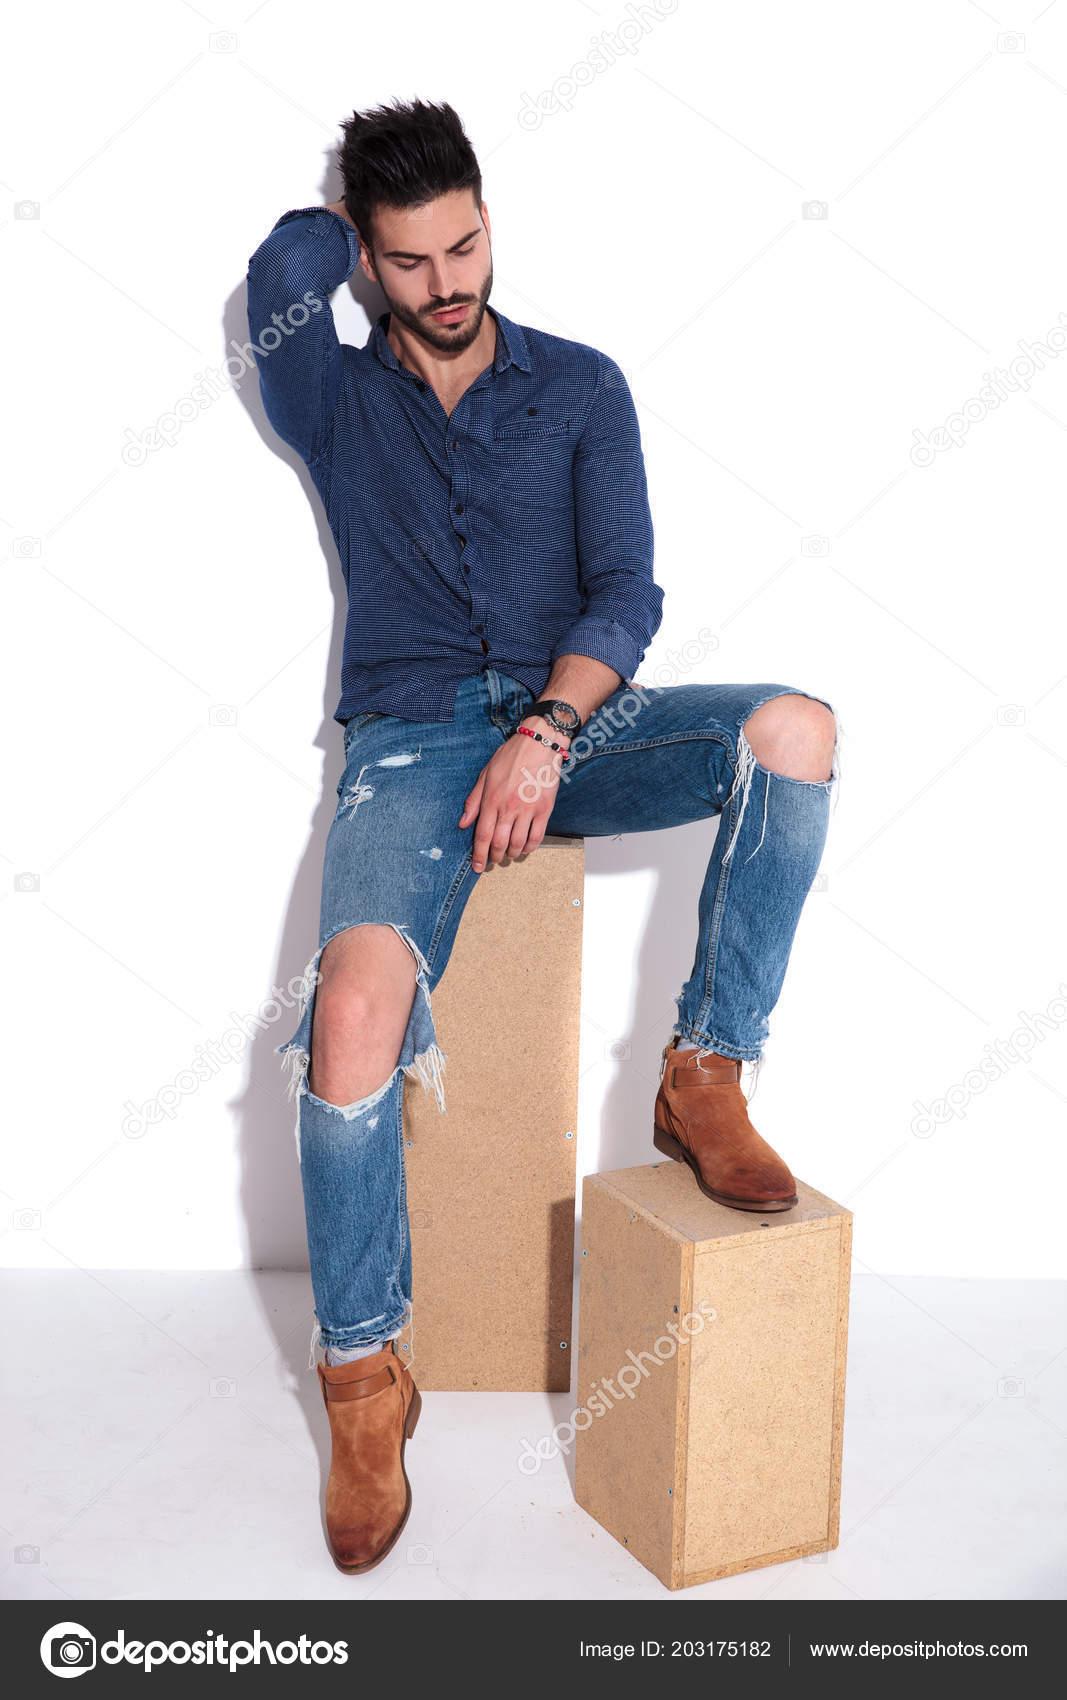 Příležitostné Muž Námořnické Tričko Roztrhané Džíny Spočívá ... 905540e11f